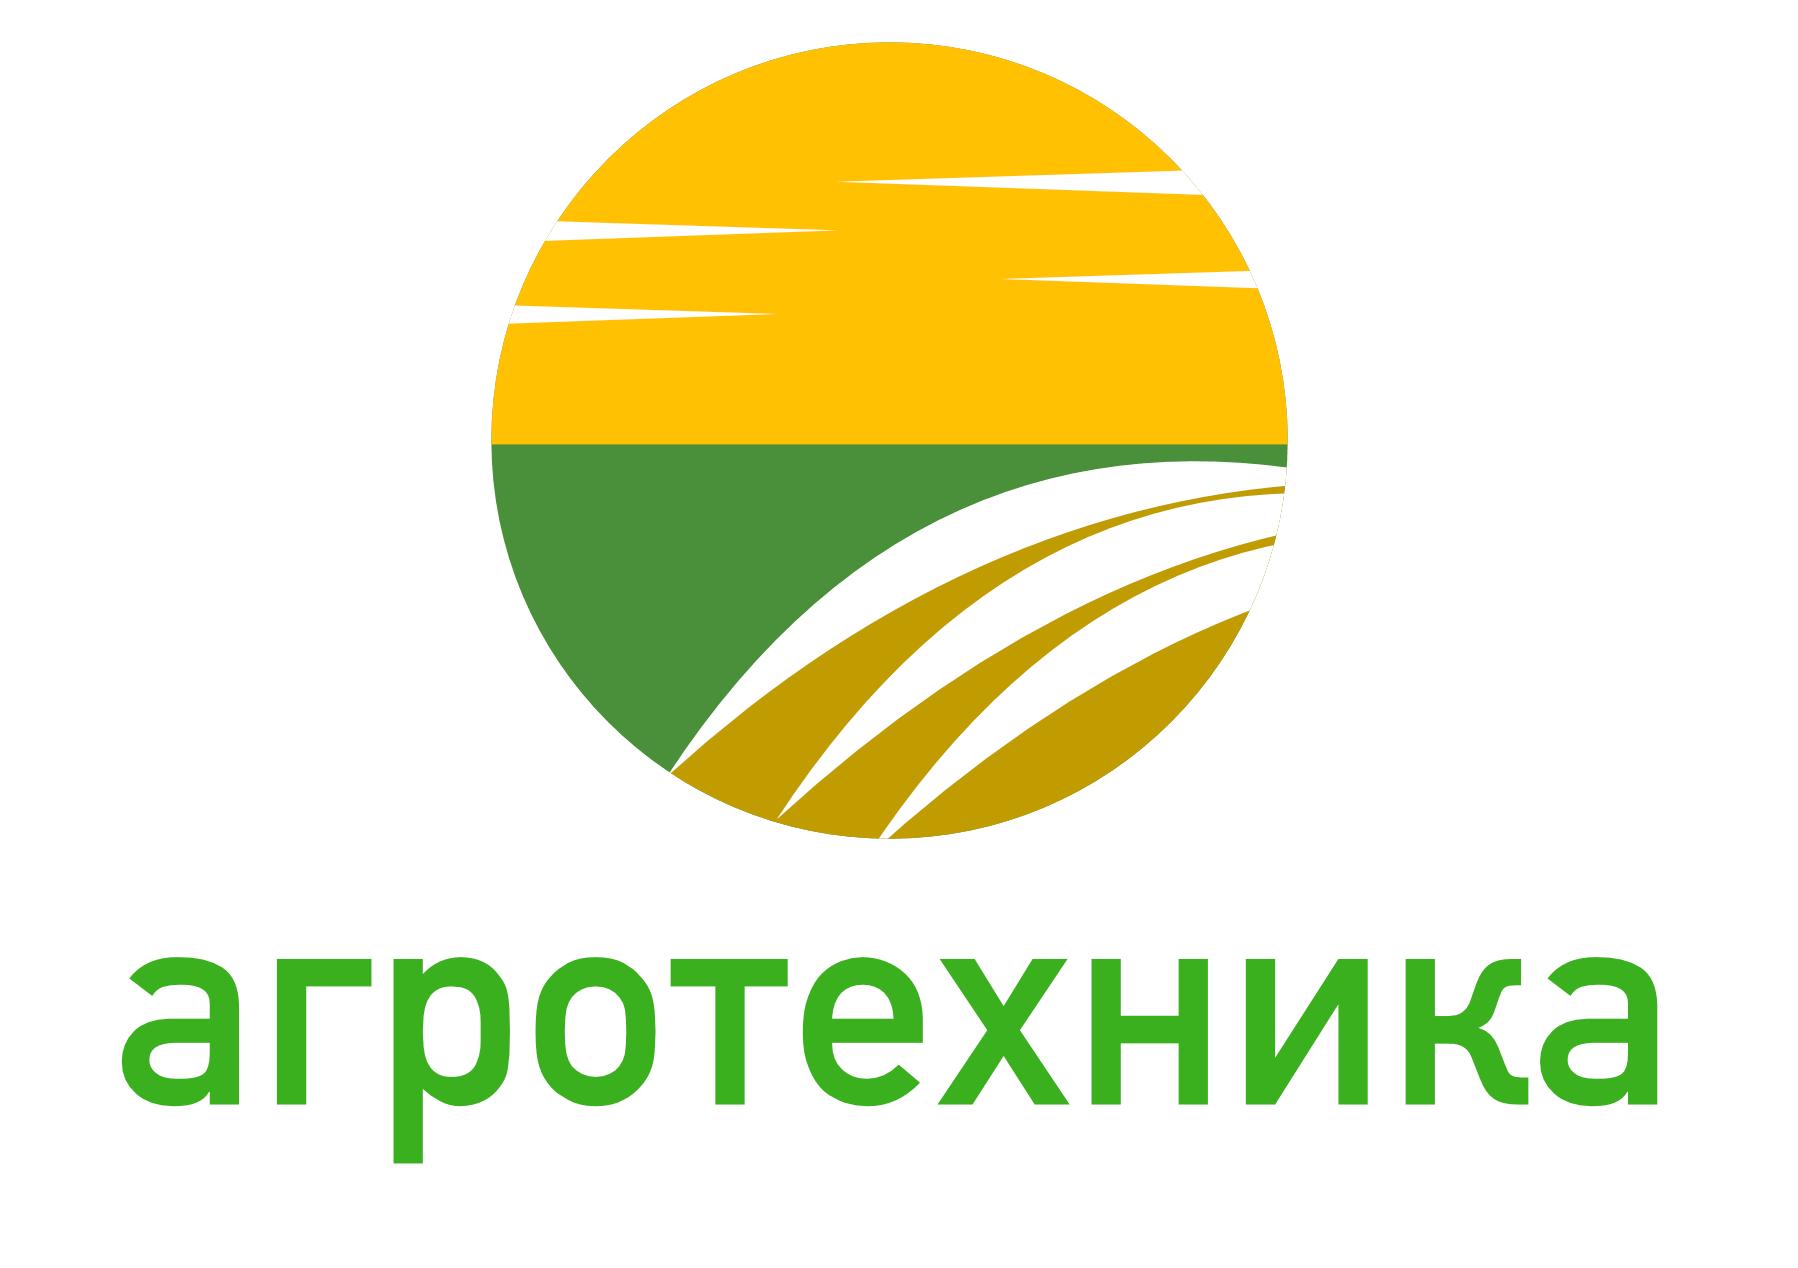 Разработка логотипа для компании Агротехника фото f_4905c0159610c957.png